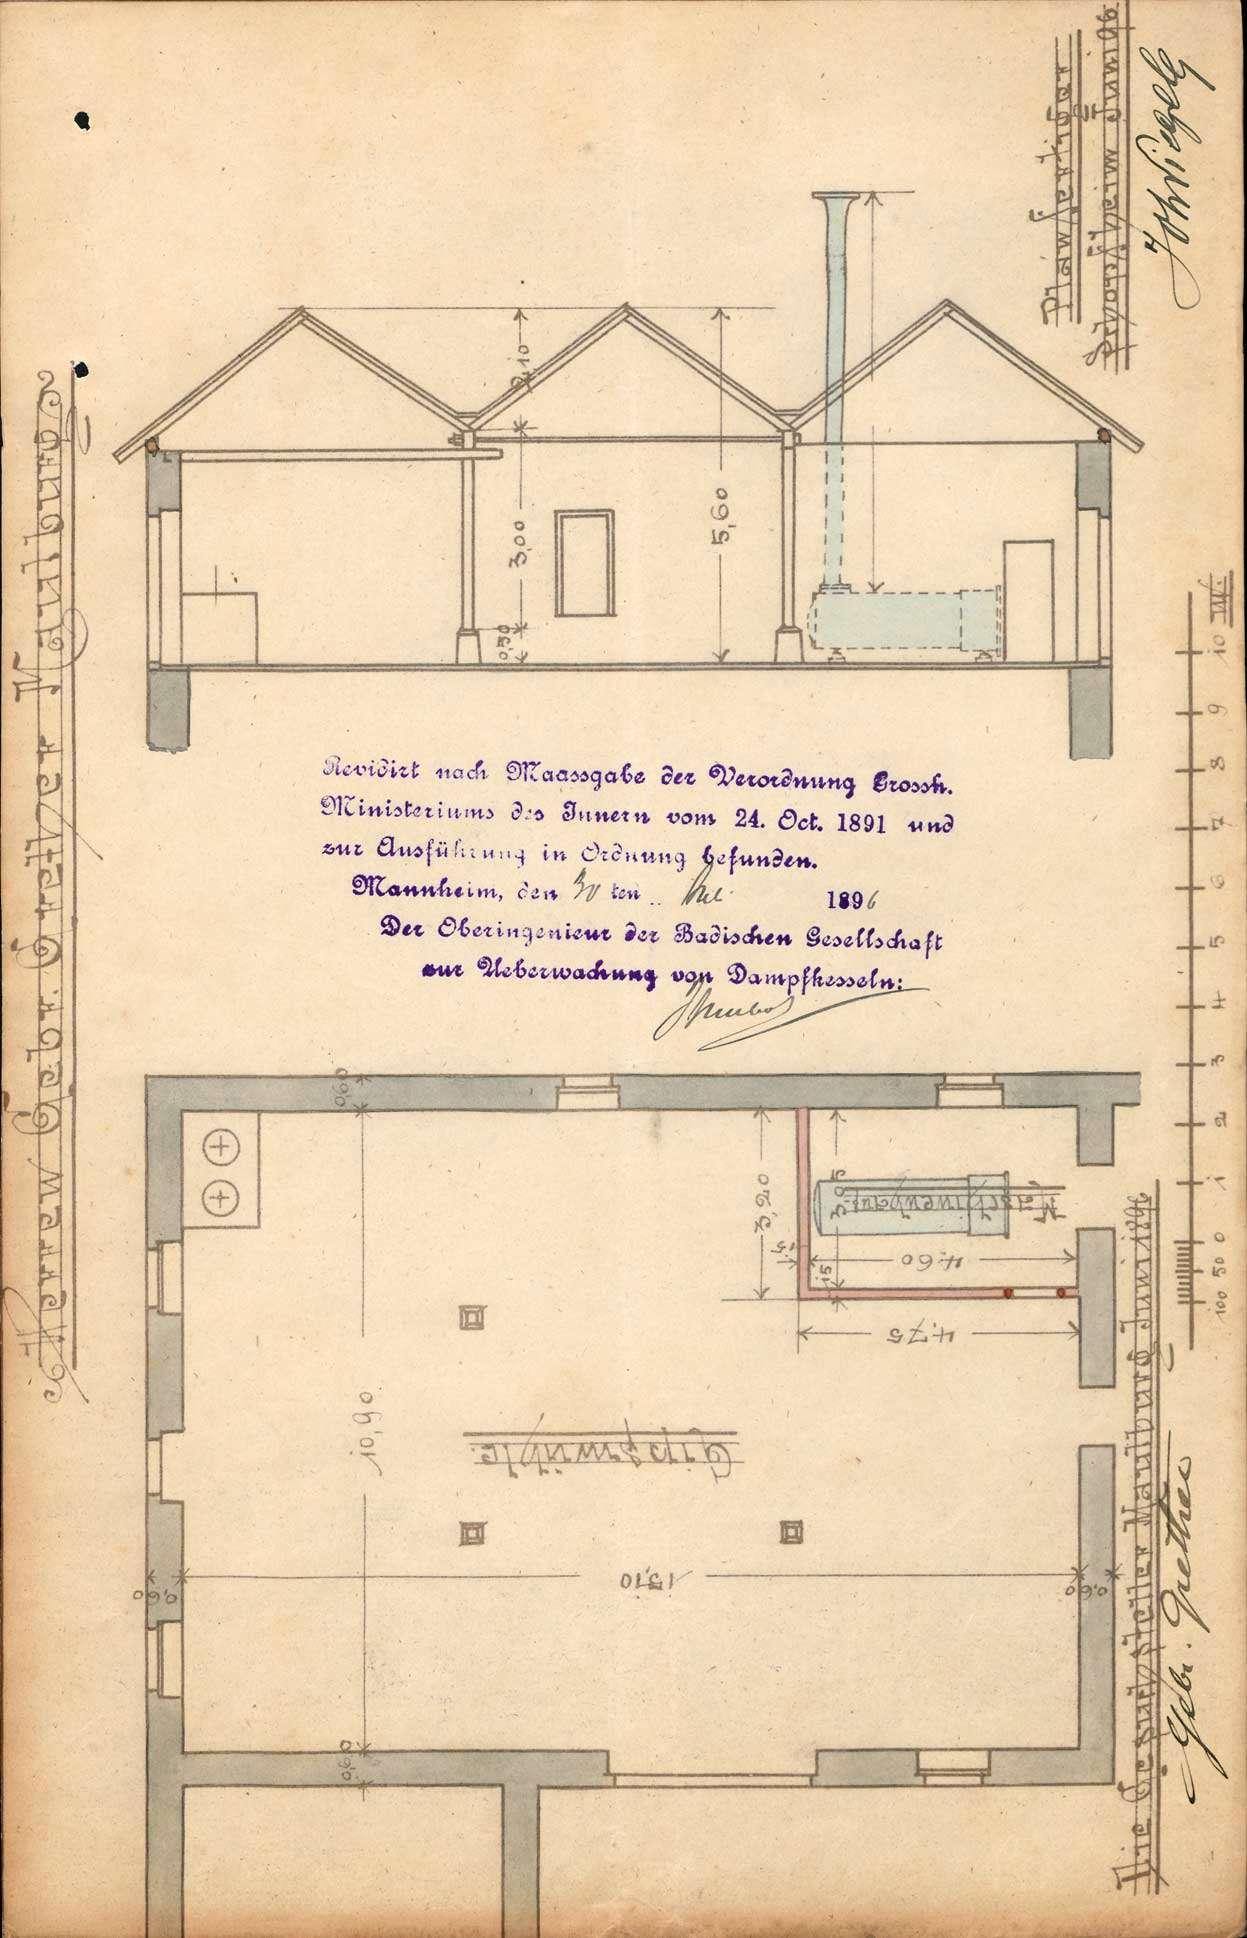 Gesuch der Fa. Gebrüder Grether, Maulburg, um Erlaubnis zur Anlegung eines Dampfkessels in ihrem Gipswerk in Höllstein, Bild 2